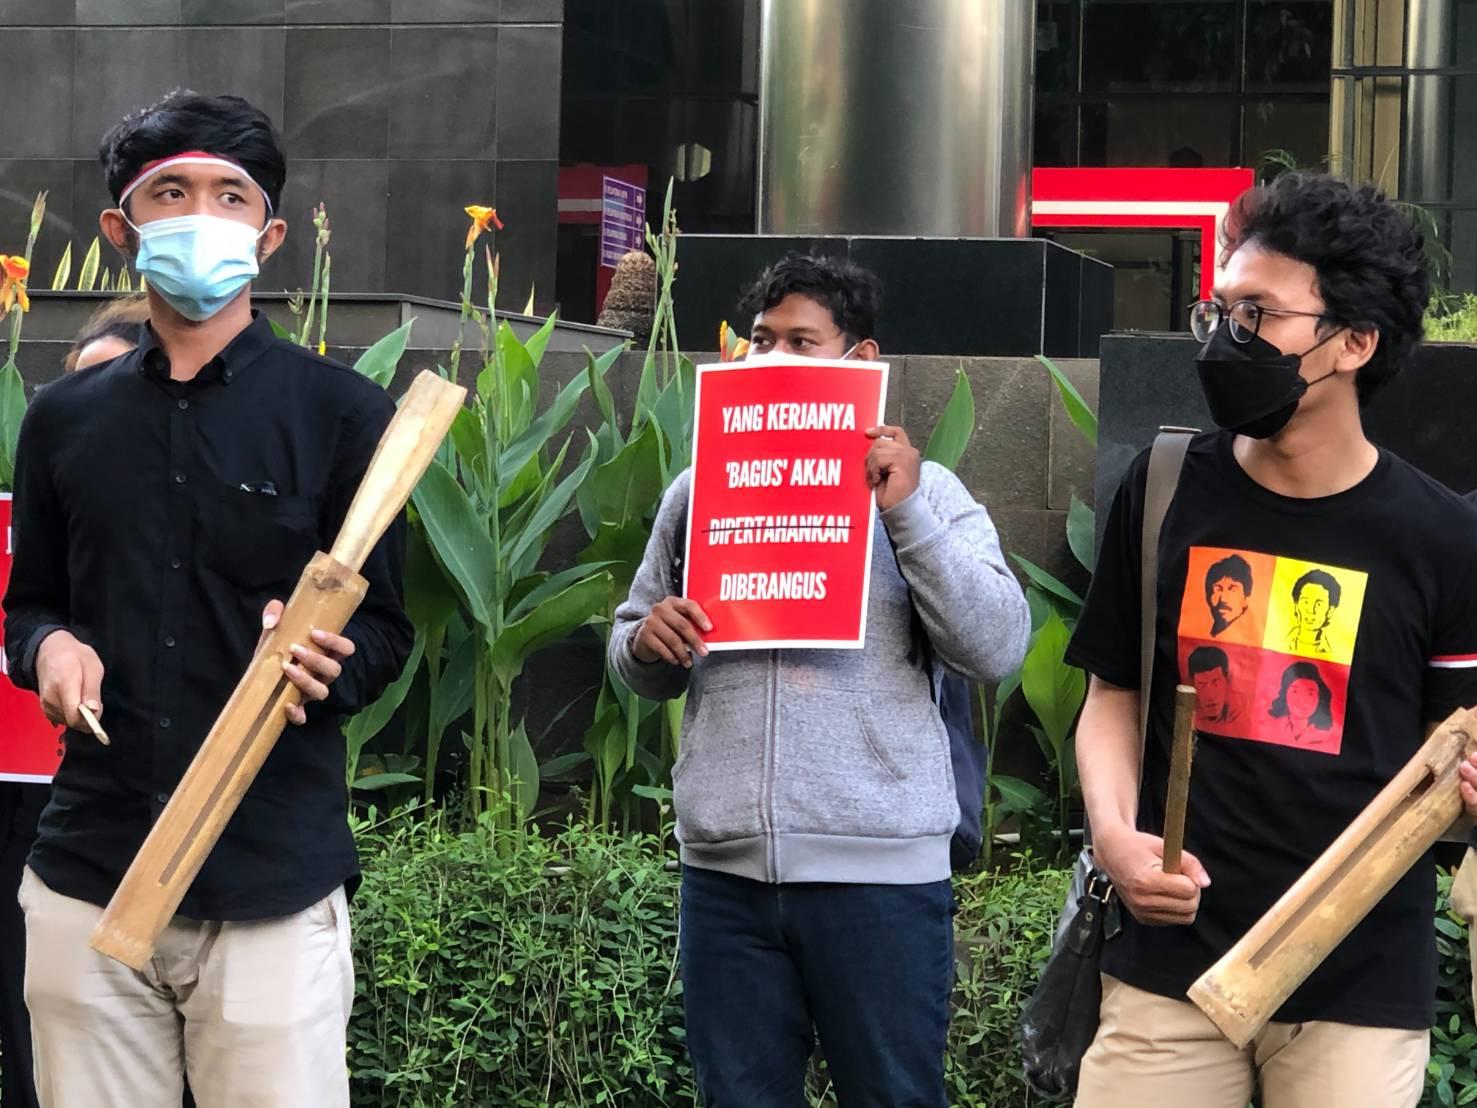 Koalisi Masyarakat Antikorupsi Gelar Aksi Solidaritas untuk KPK